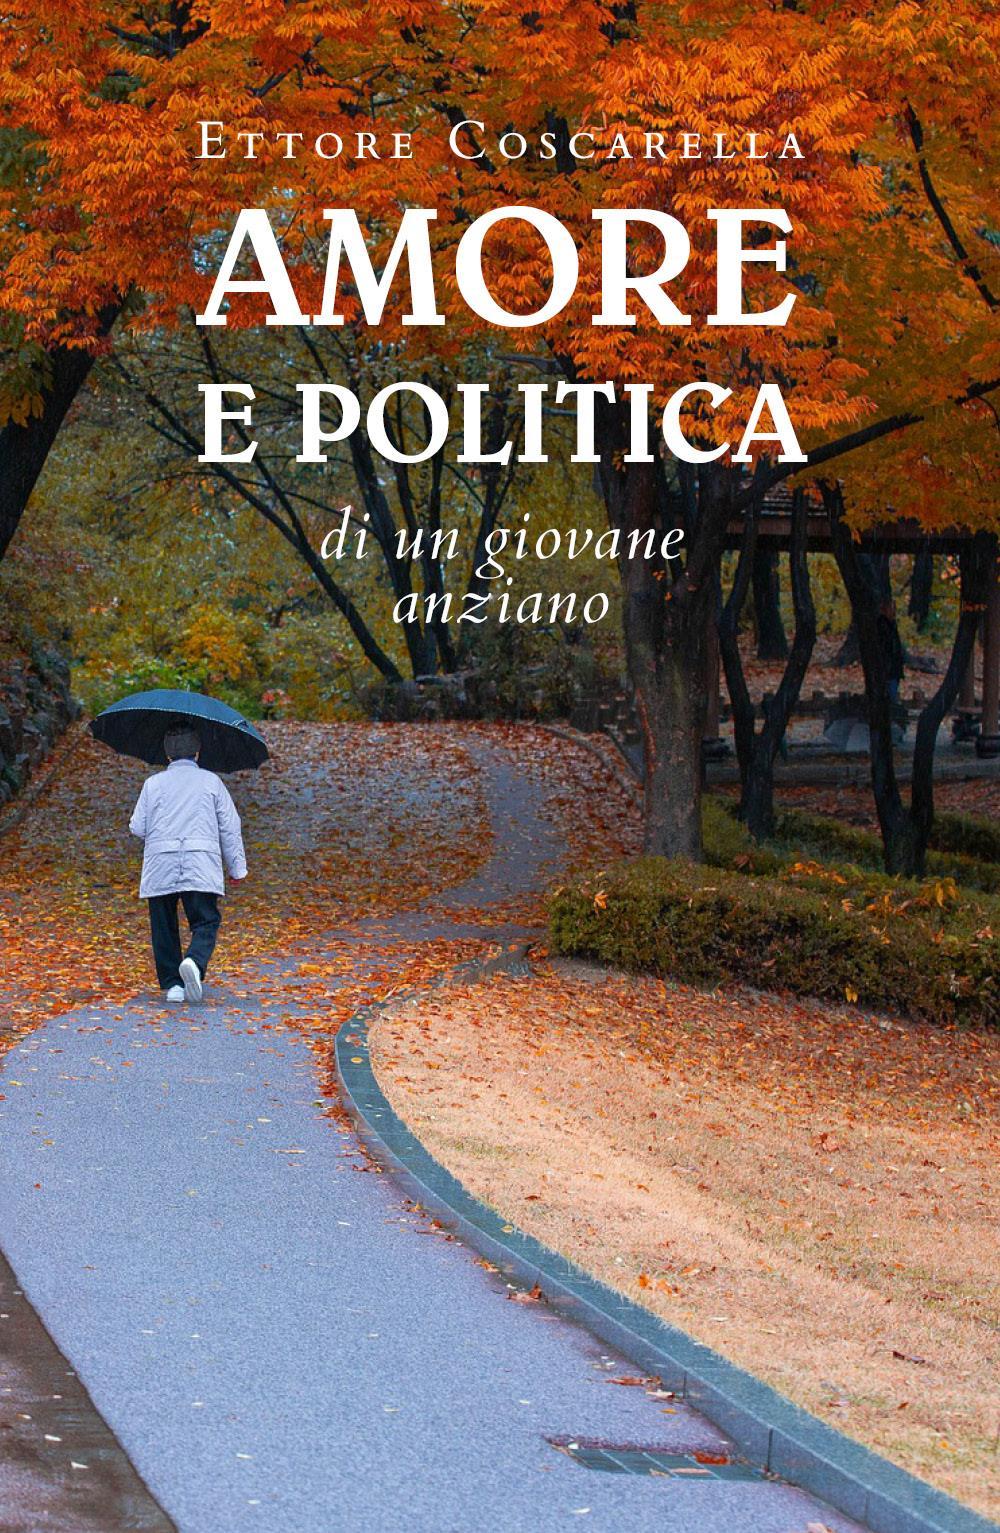 Amore e politica di un giovane anziano